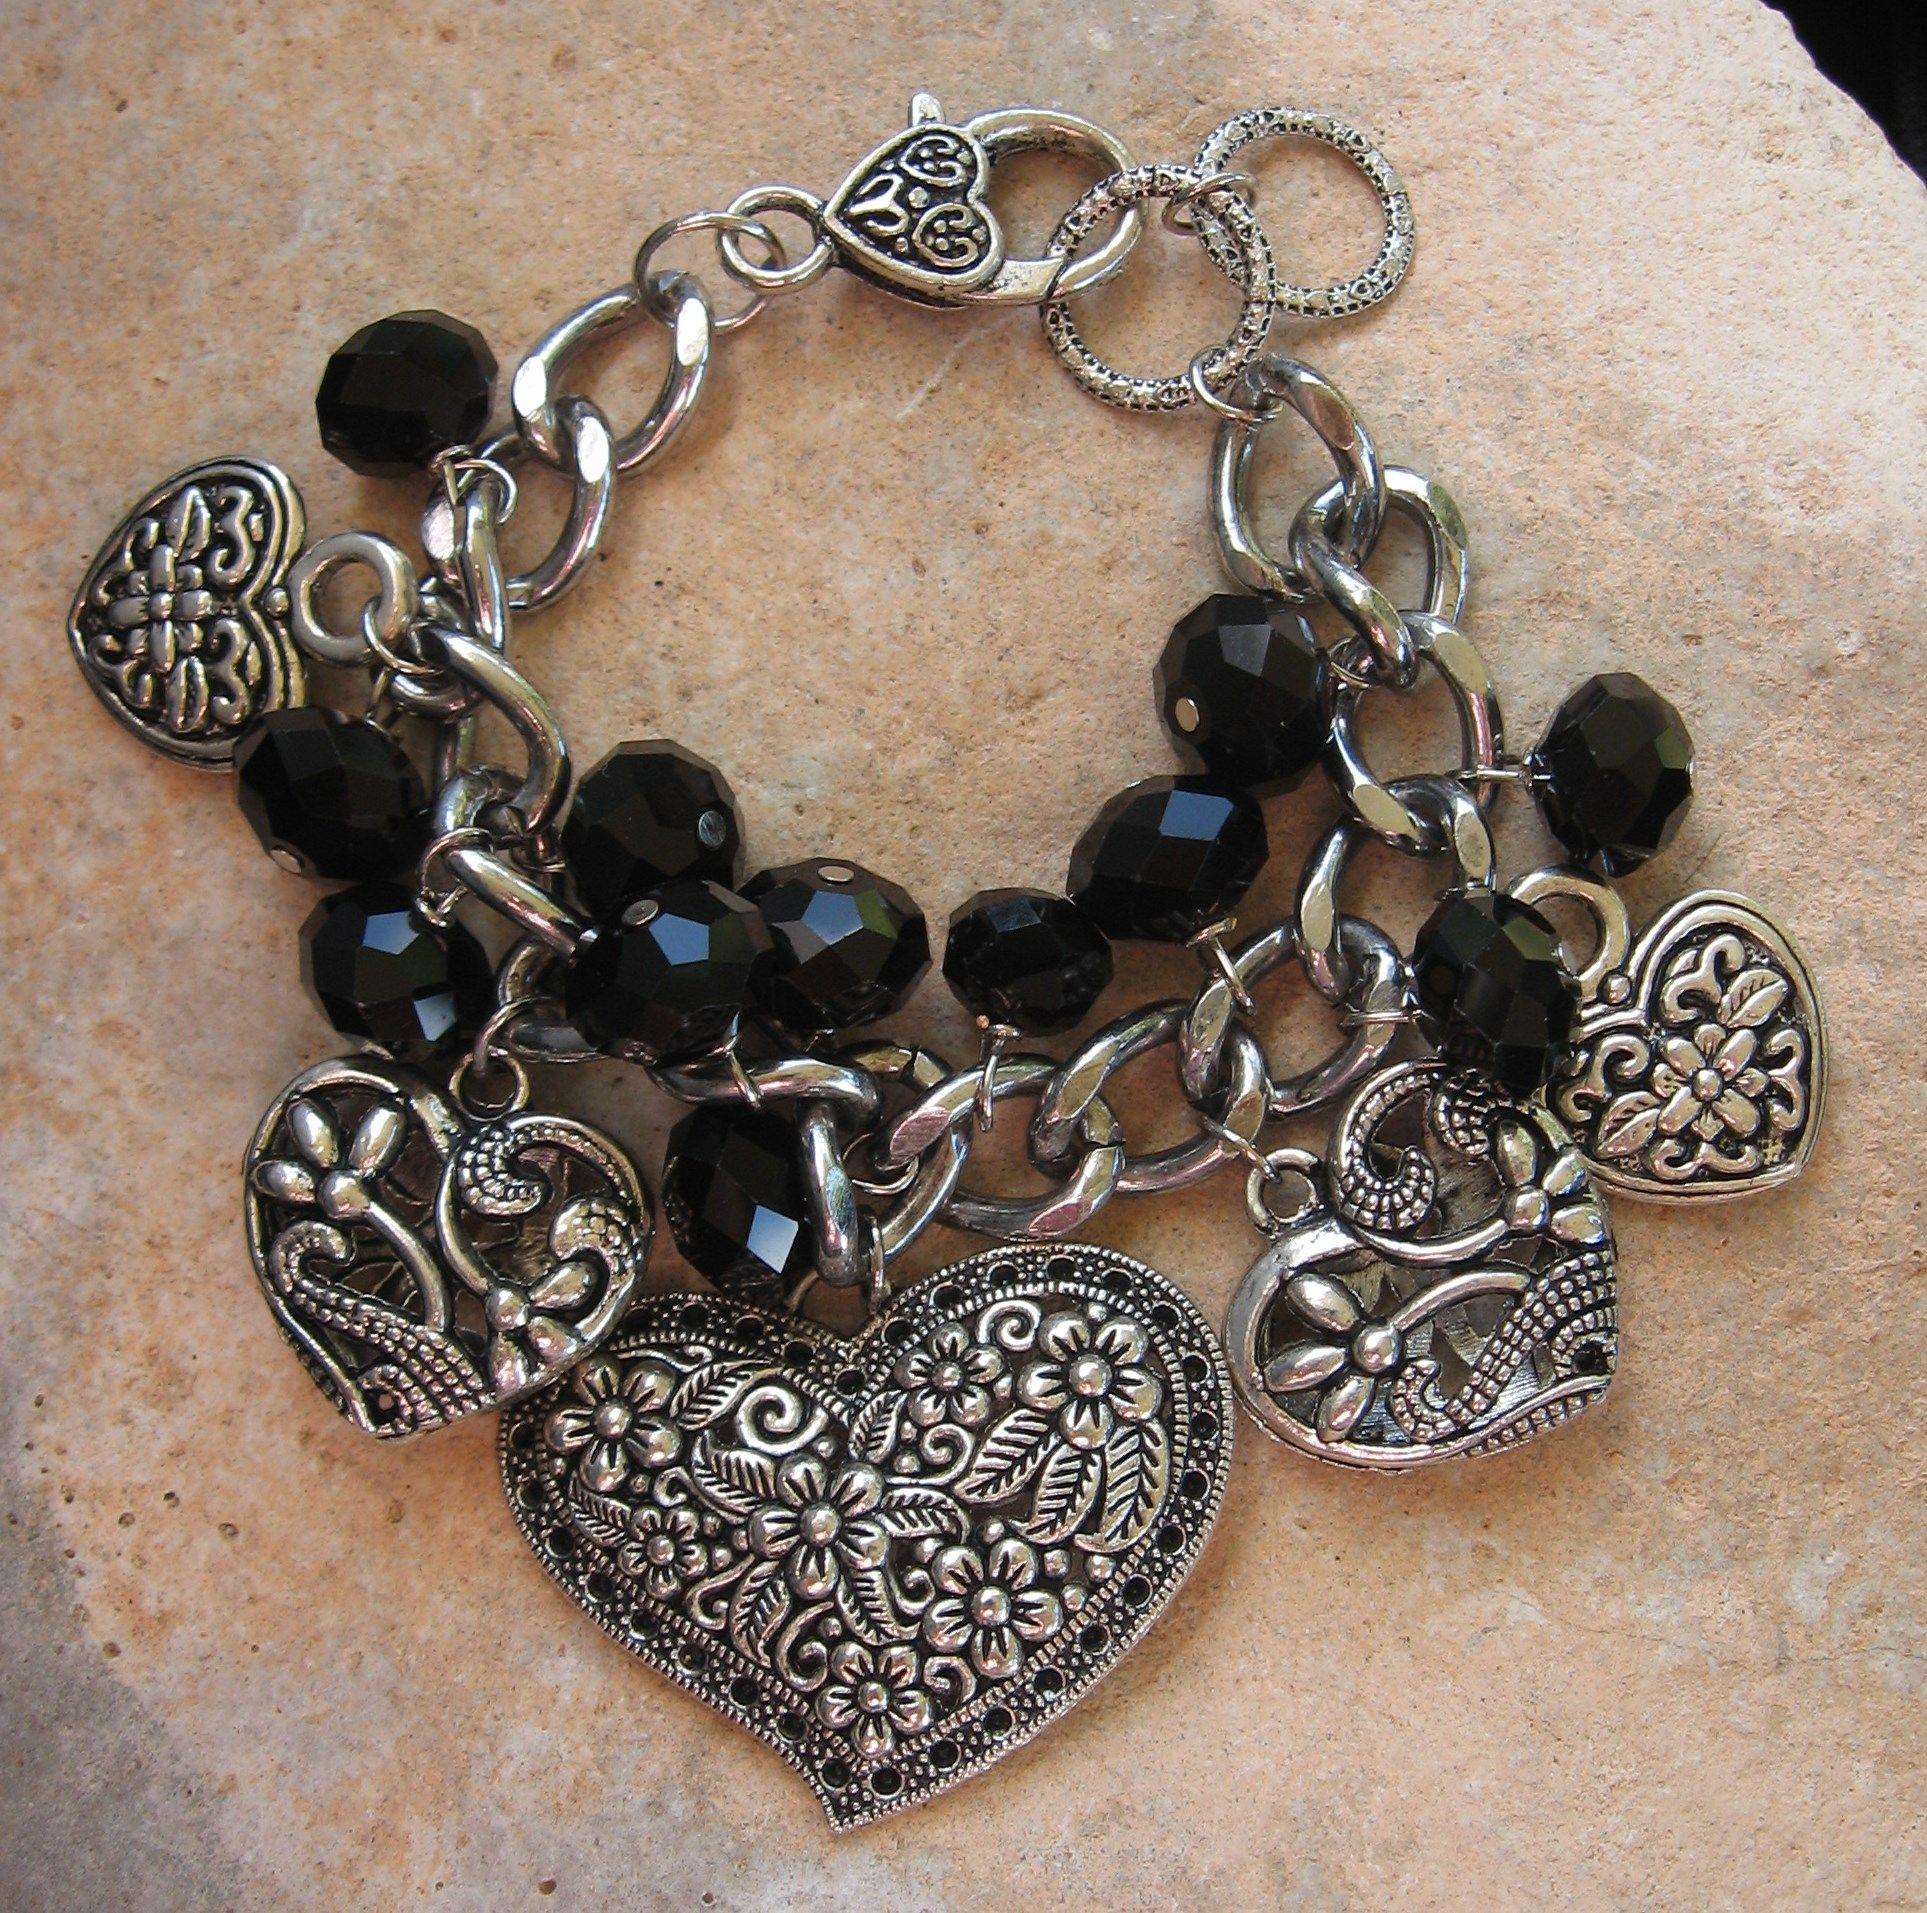 LOVE this chunky, fun heart beaded charm bracelet! www.nanettemc.etsy.com